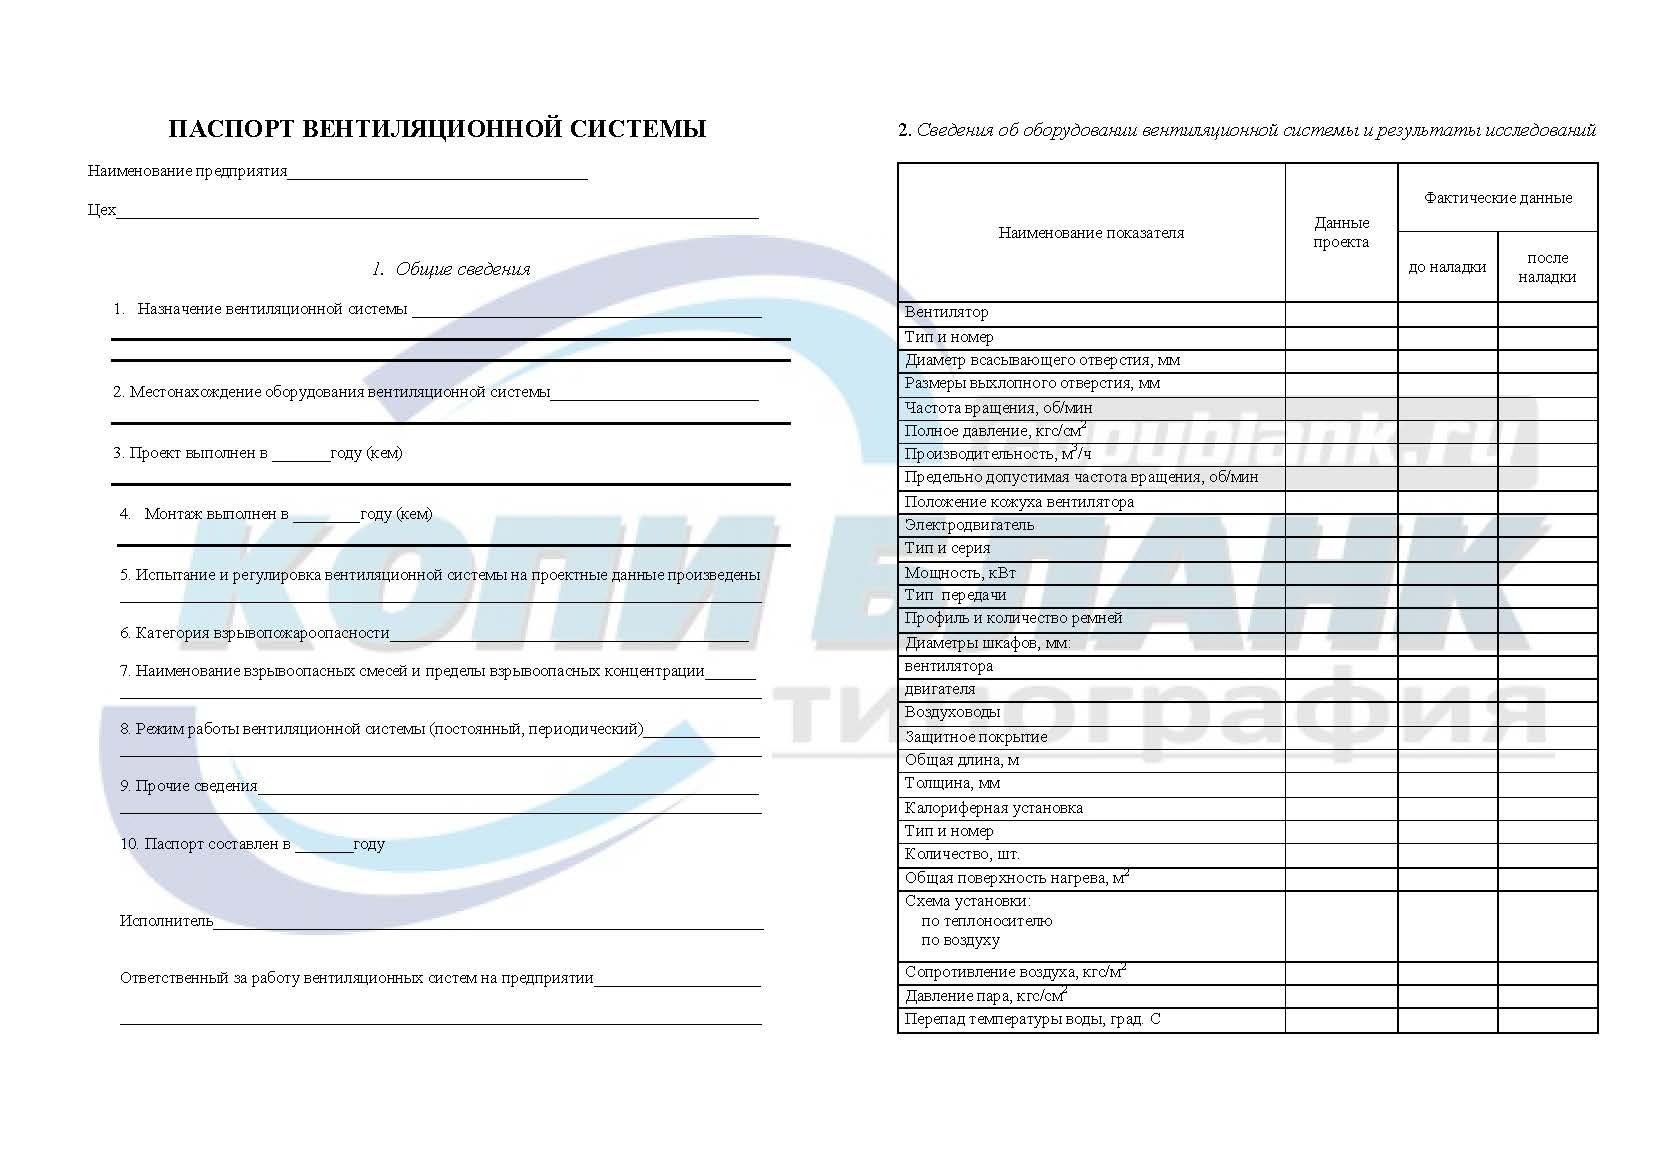 Требования к вентиляции газовой котельной: стандарты, нормы и правила